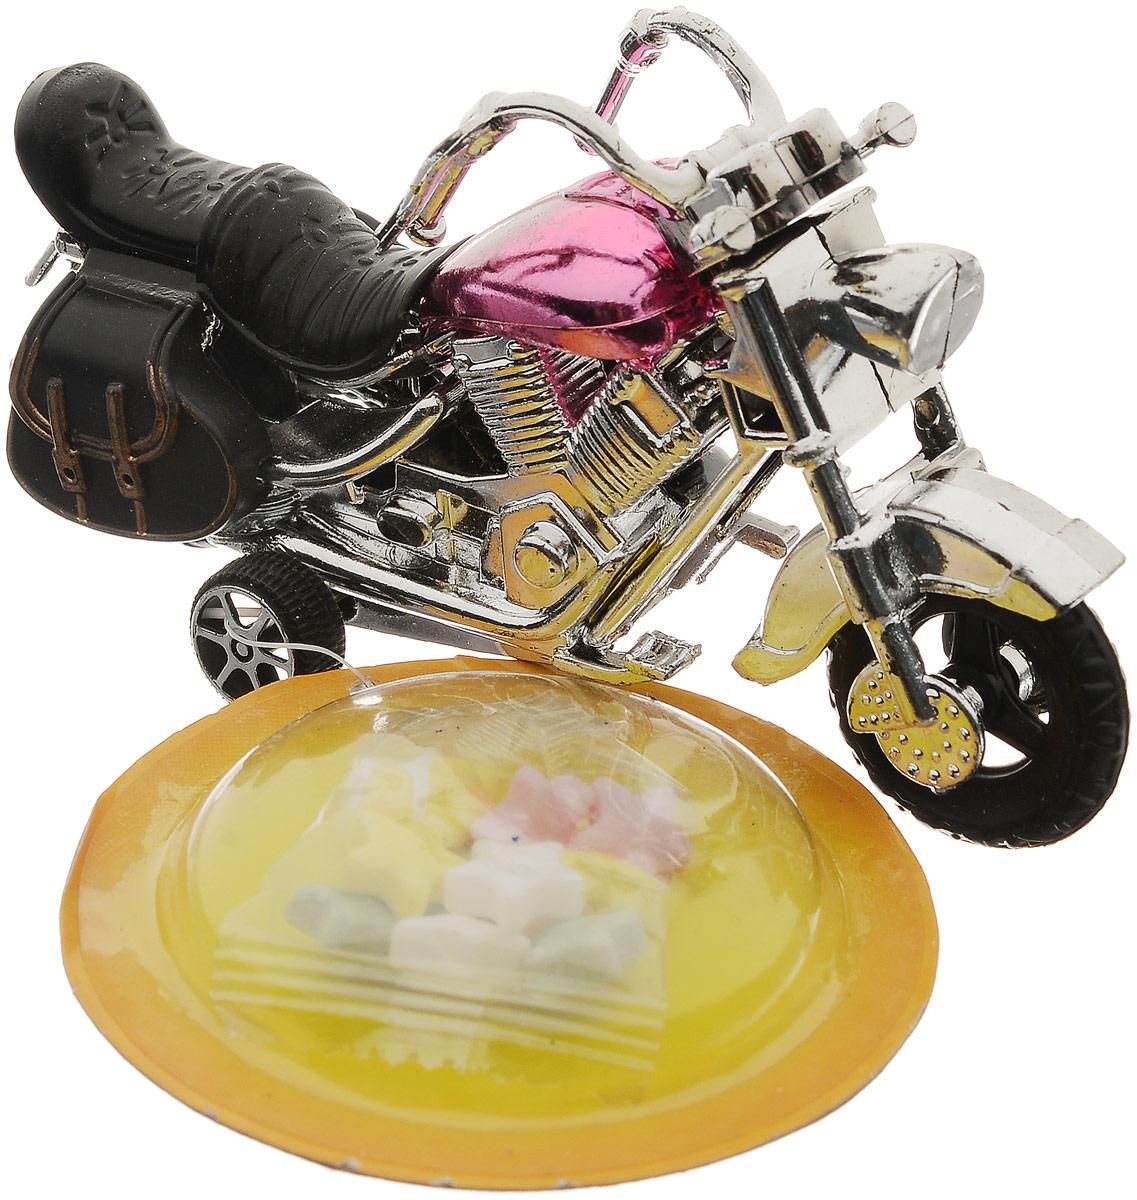 Конфитрейд Автодром Мотоцикл фруктовое драже с игрушкой, 5 гУТ18518Игрушка без механизма в форме мотоцикла из пластика. Предназначается для детей от трех лет. К мотоциклу на пластиковой стропе крепится блистер с драже в прозрачном пищевом пакетике.Уважаемые клиенты!Товар поставляется в цветовом ассортименте. Поставка осуществляется в зависимости от наличия на складе.